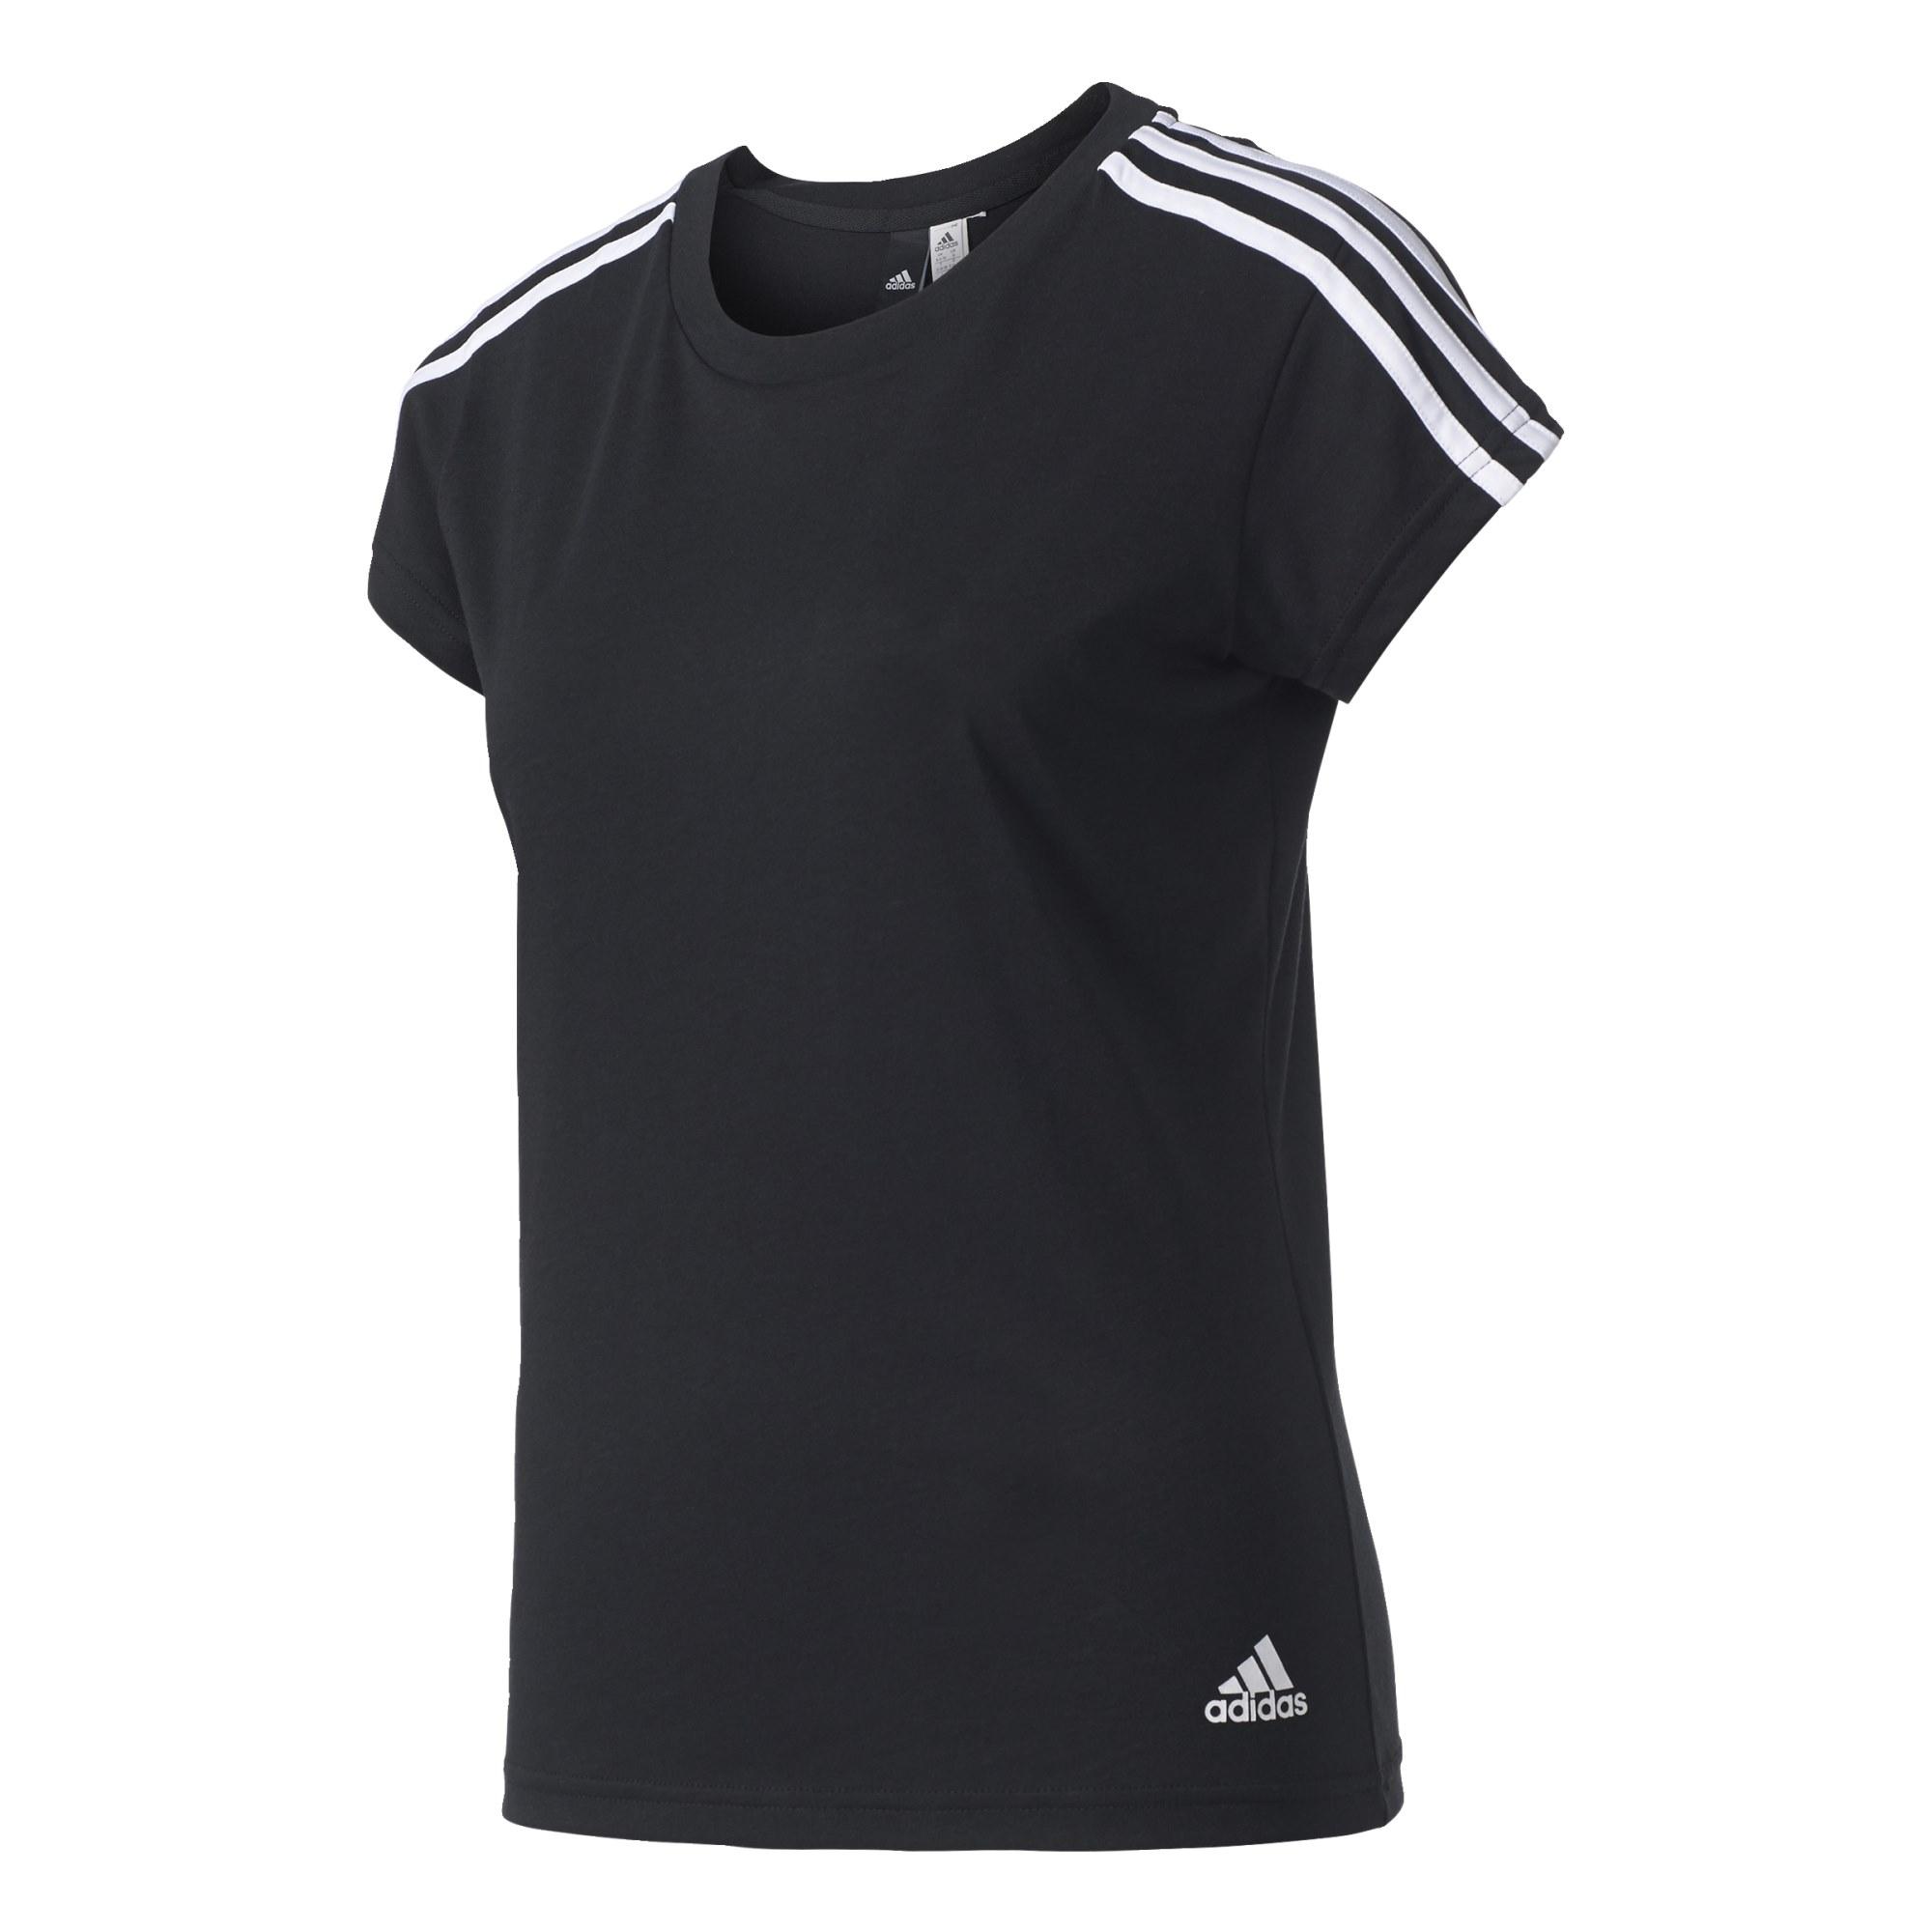 Adidas Ess 3S Slim Tee Dames sportshirt